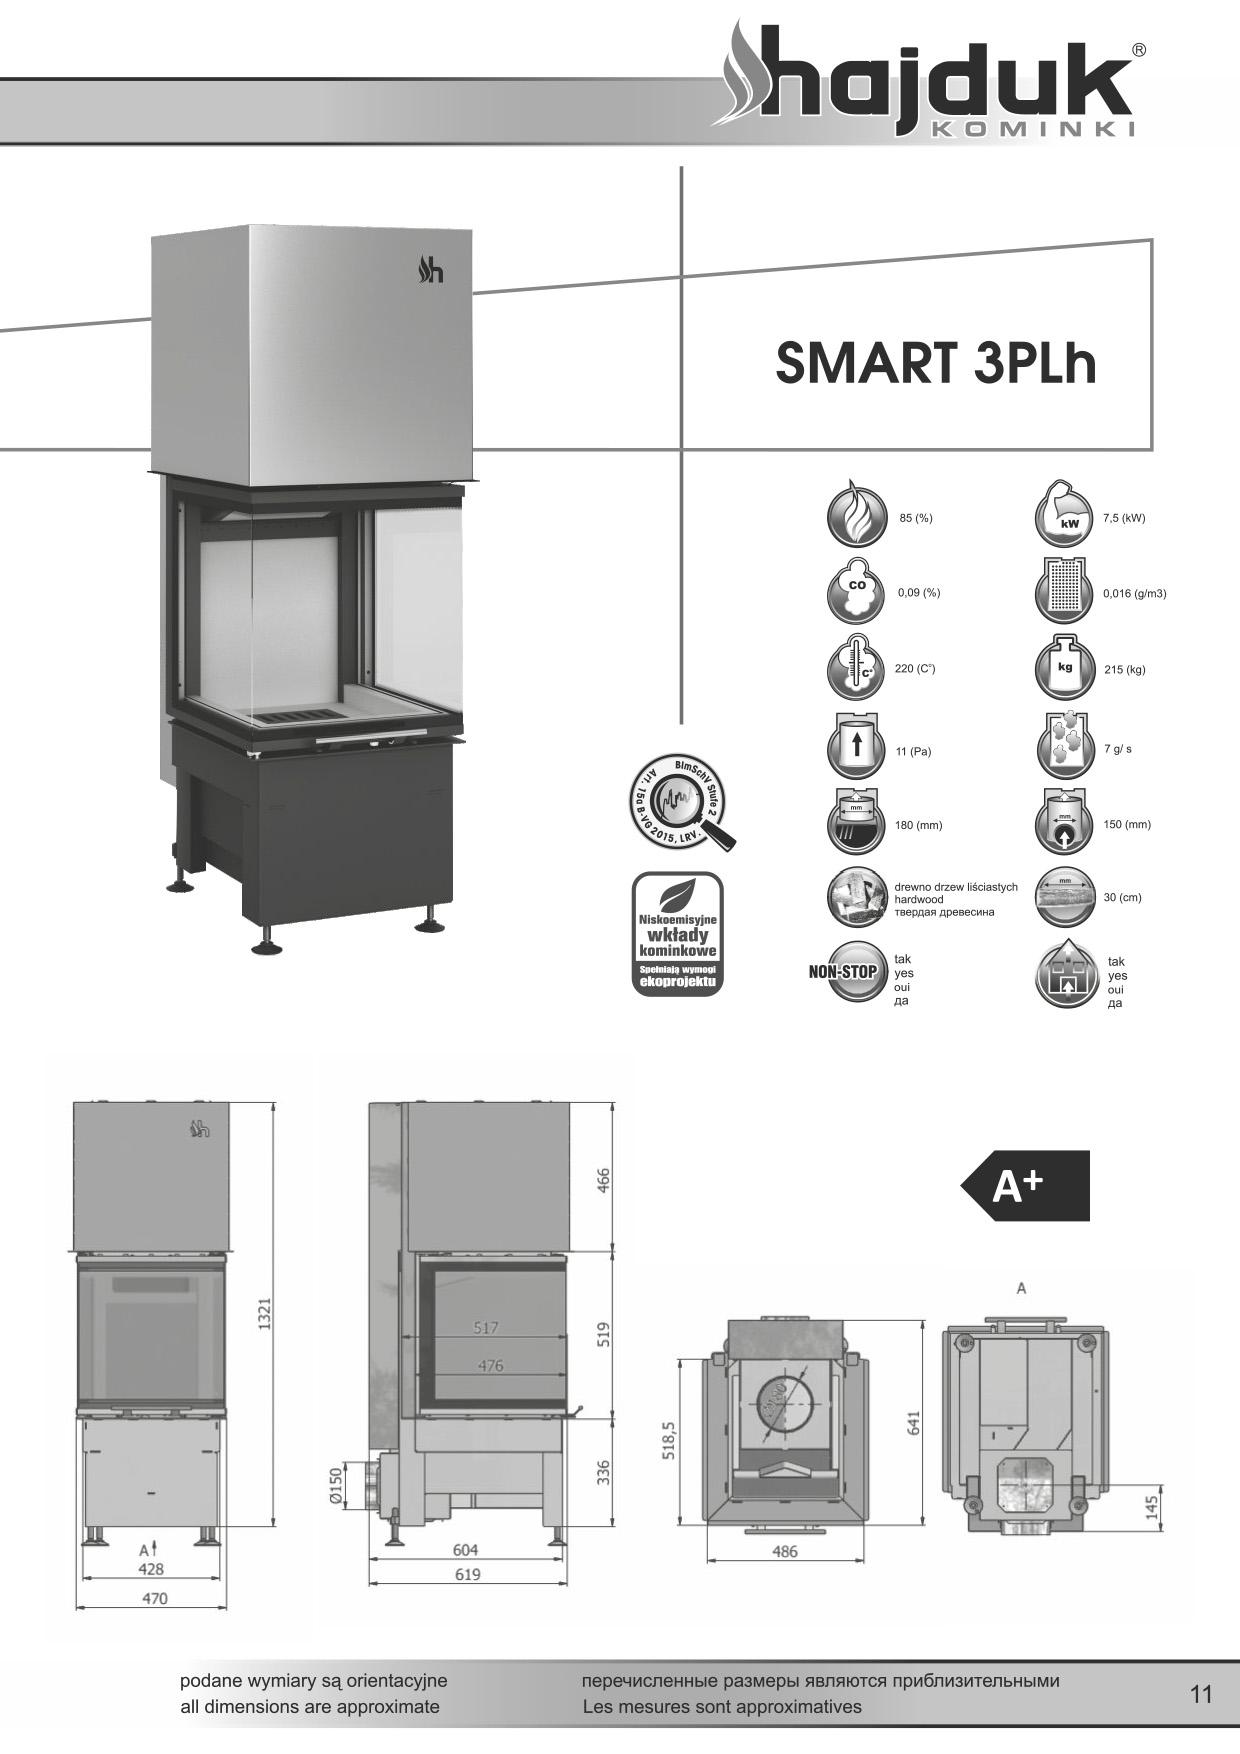 Wkład kominkowy-Hajduk-8kW-Smart 3PLh